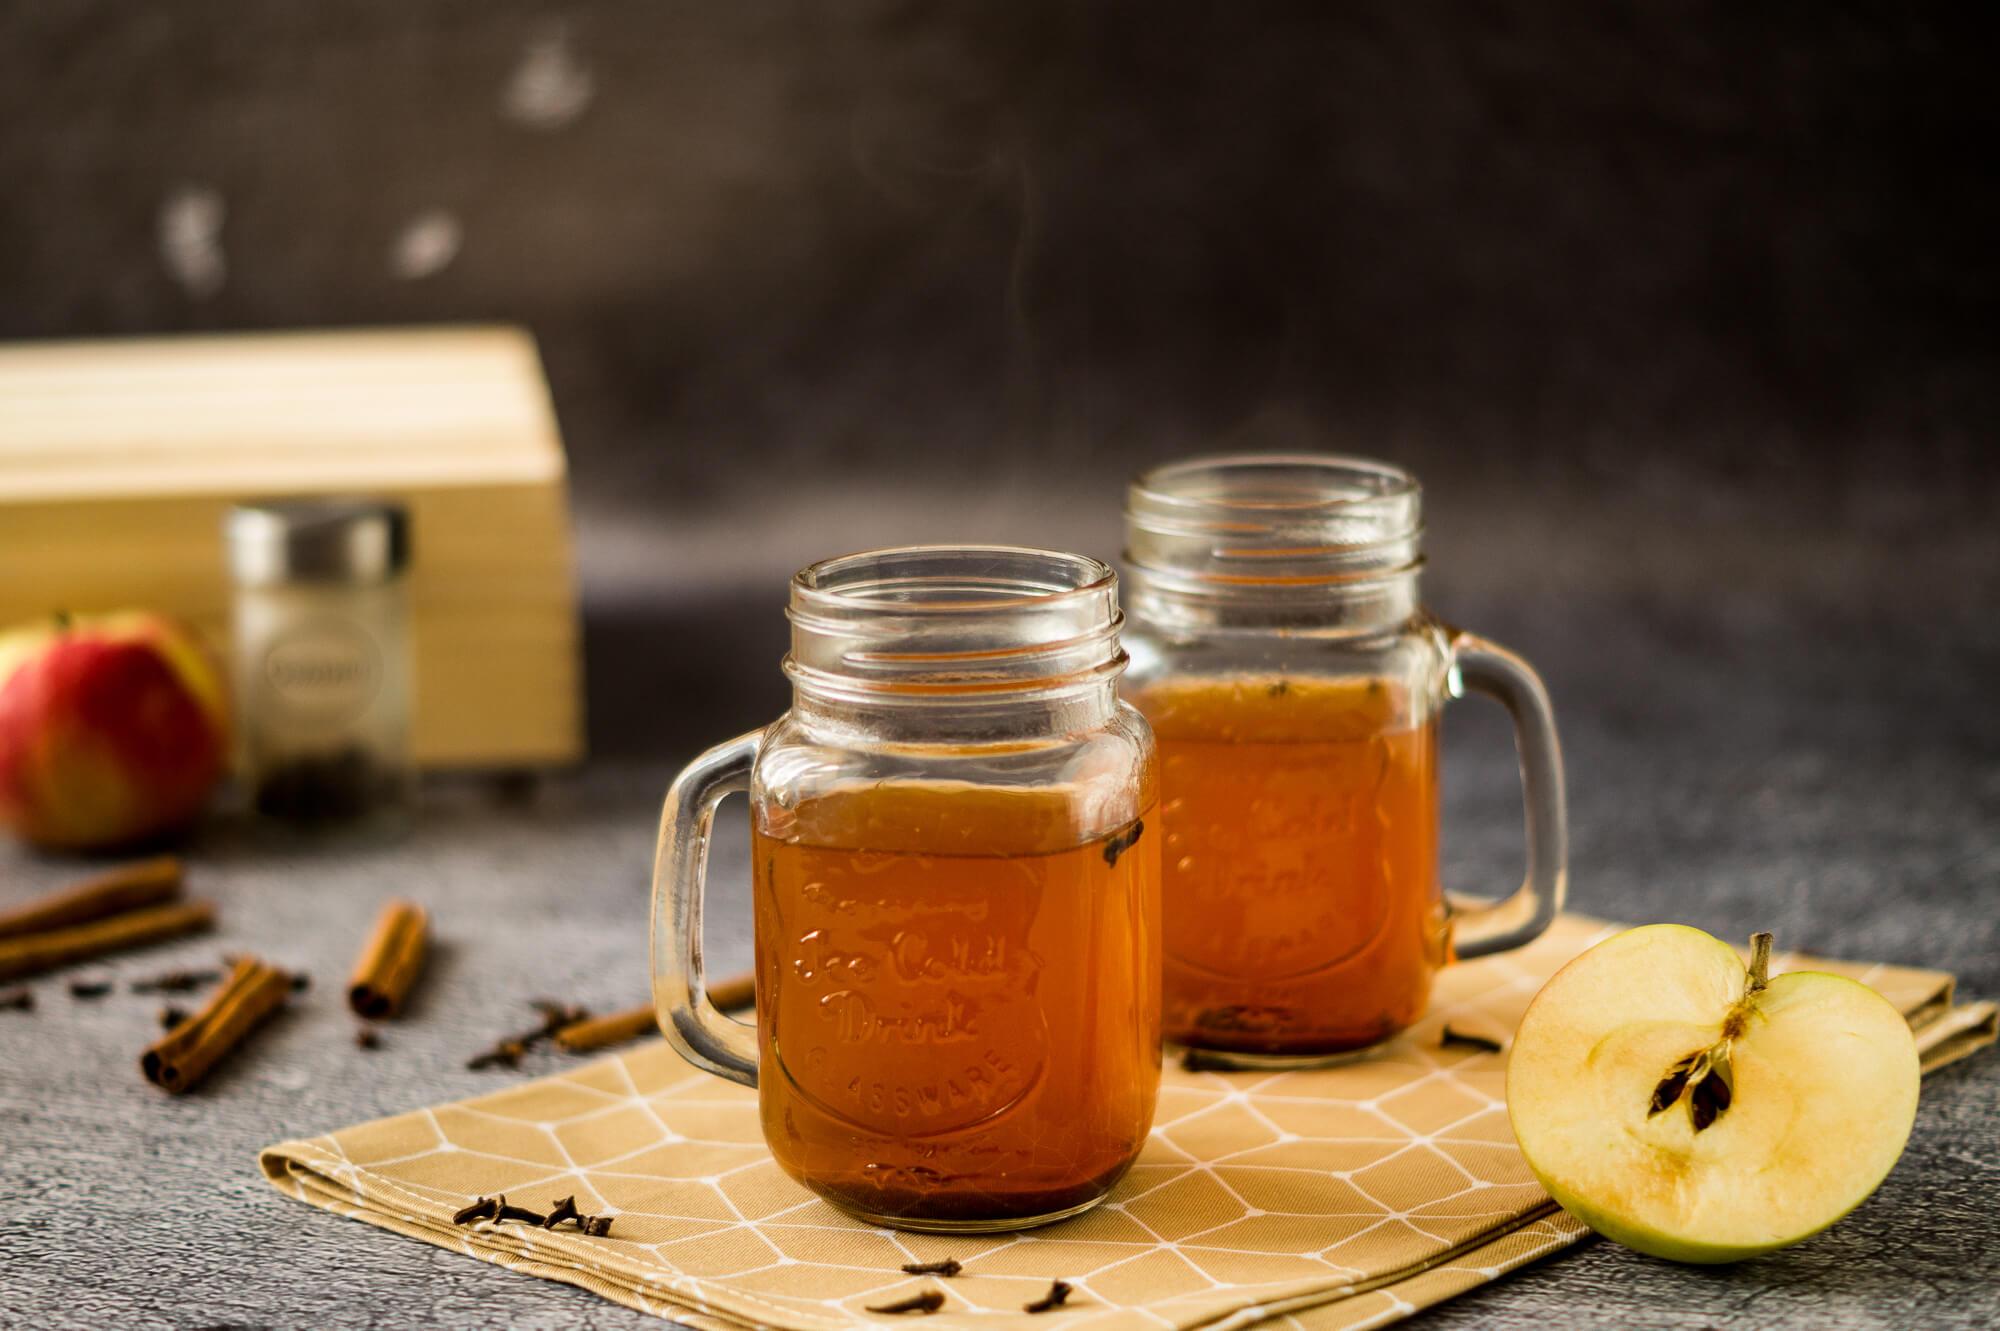 Jabłkowy grzaniec bezalkoholowy